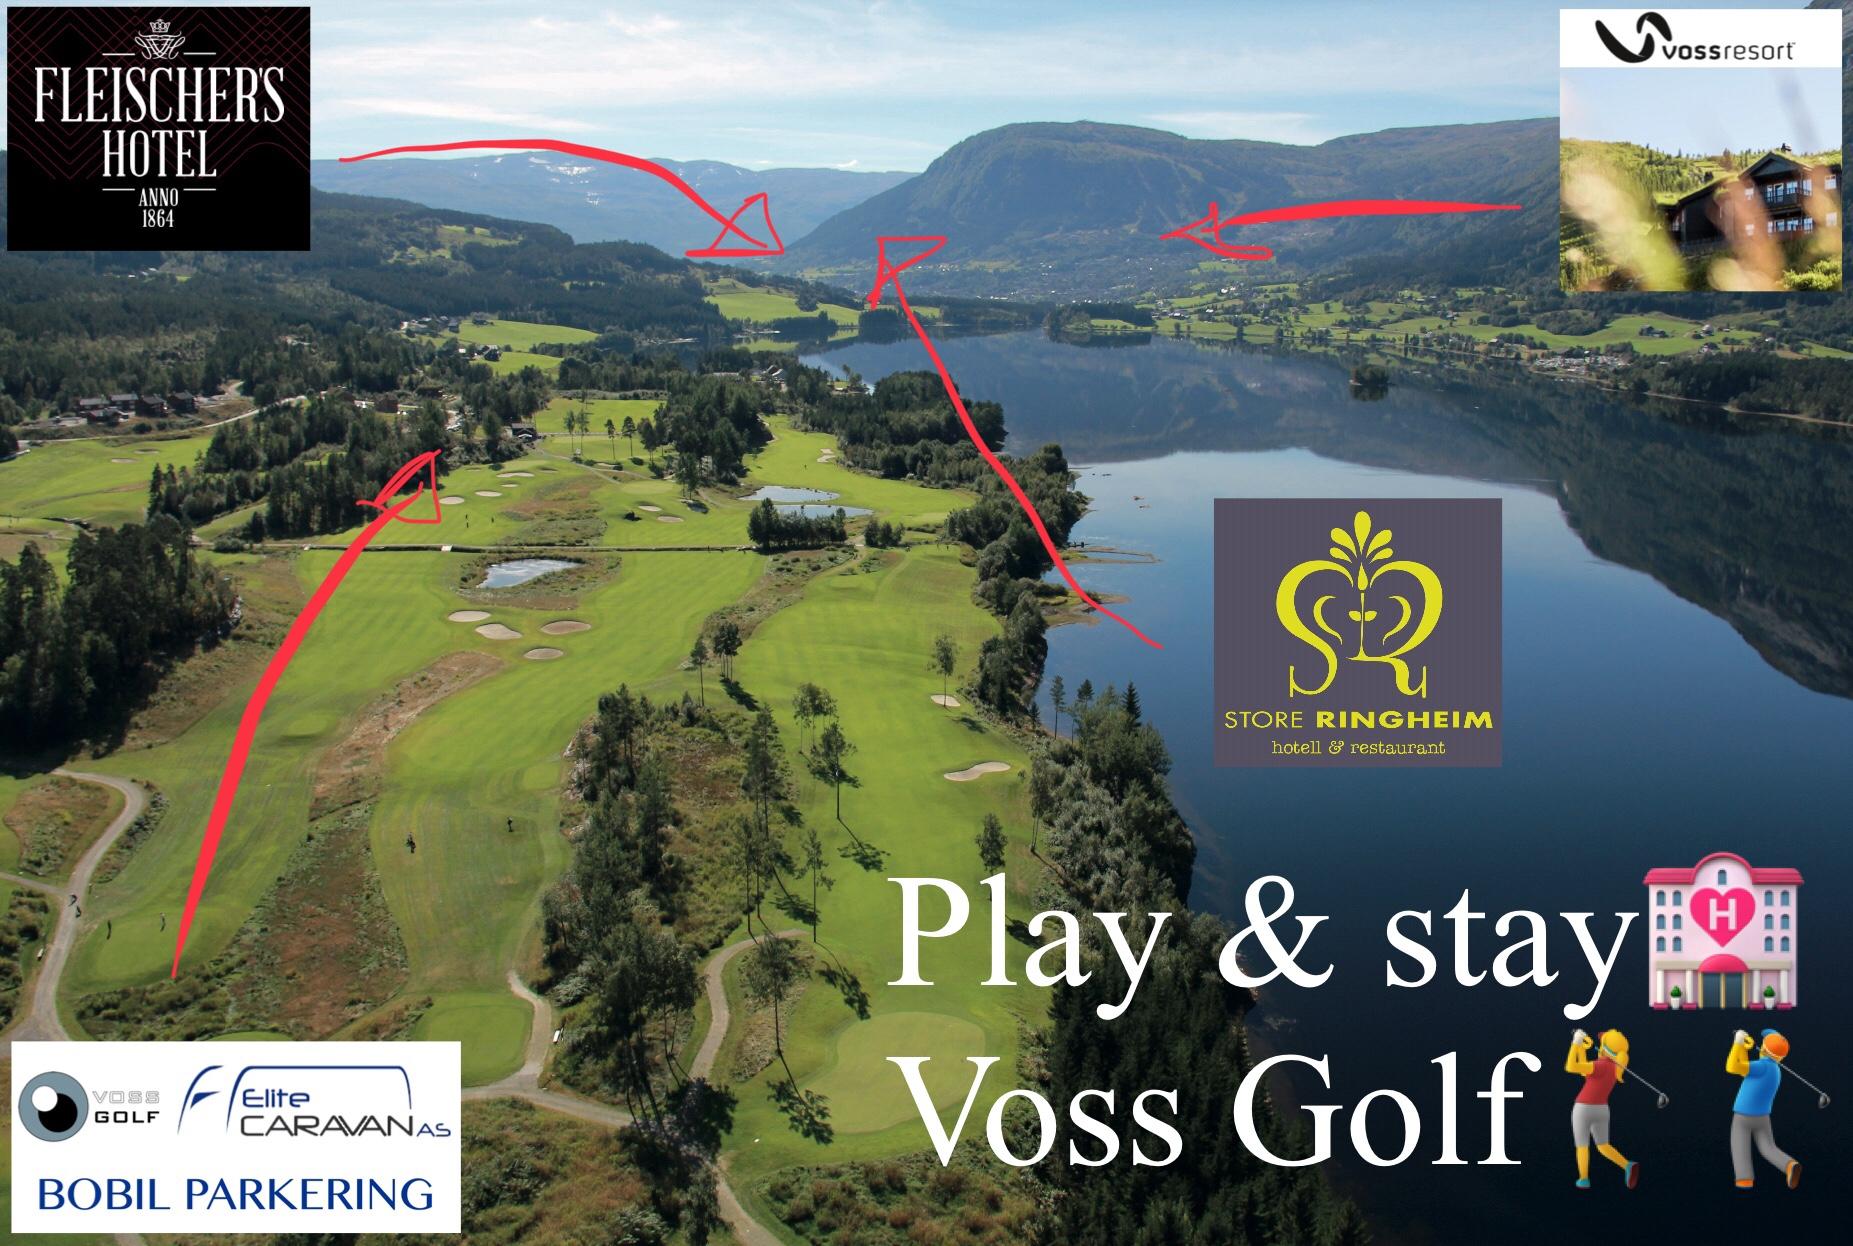 Hotell- og golf pakker Voss Golf